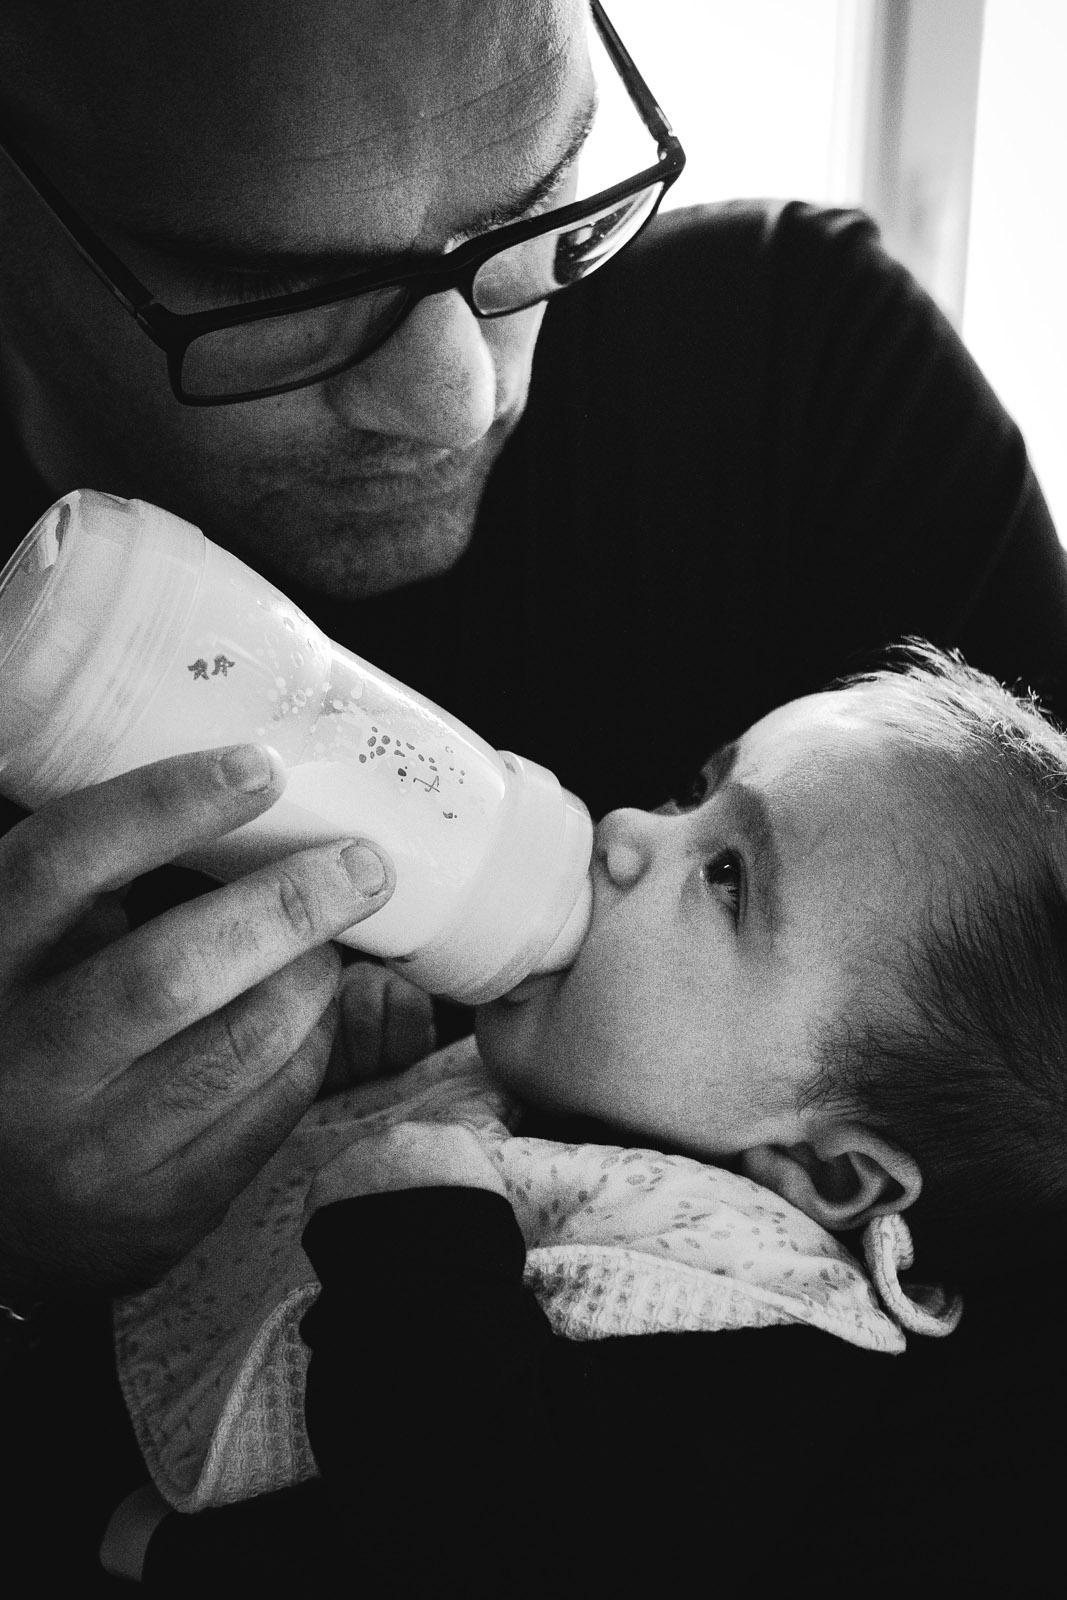 Un papa donne le biberon à son bébé, photo en noir & blanc